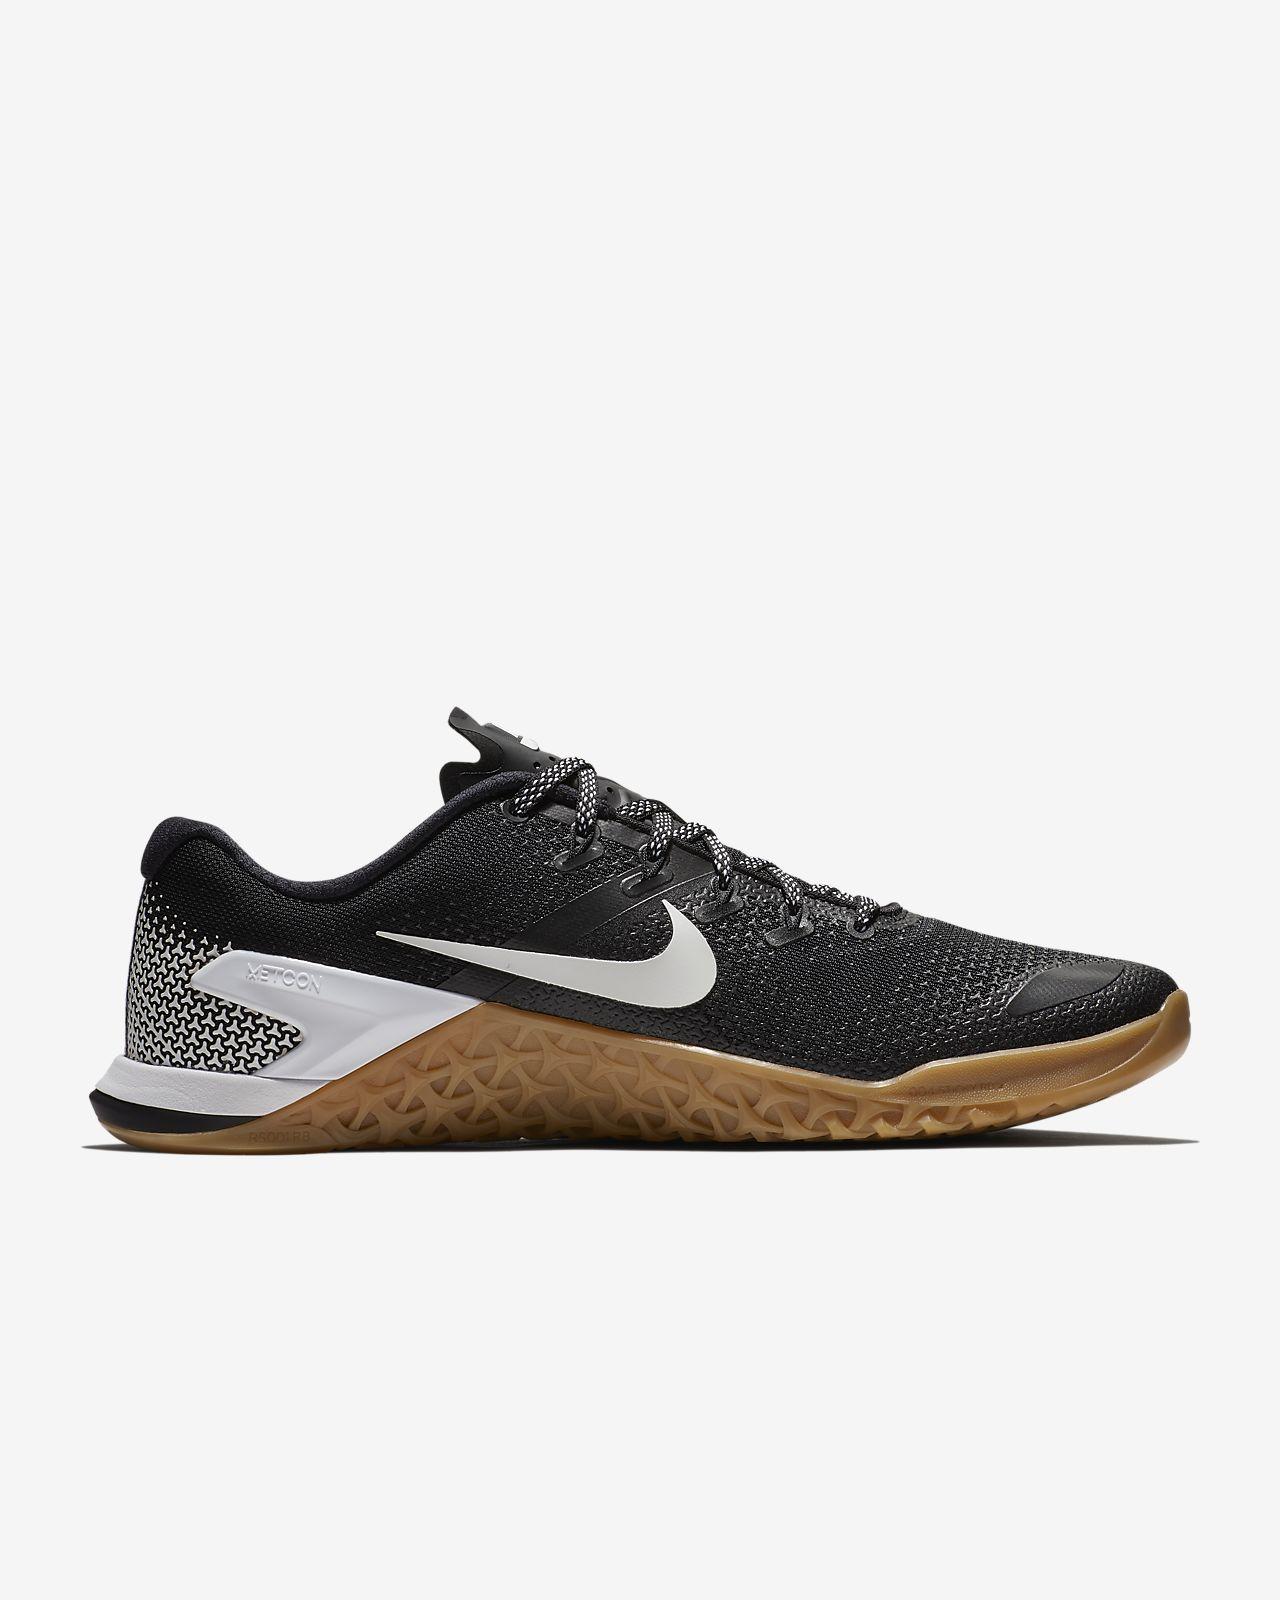 buy online 2f054 93018 ... Chaussure de cross-training et de renforcement musculaire Nike Metcon 4 pour  Homme